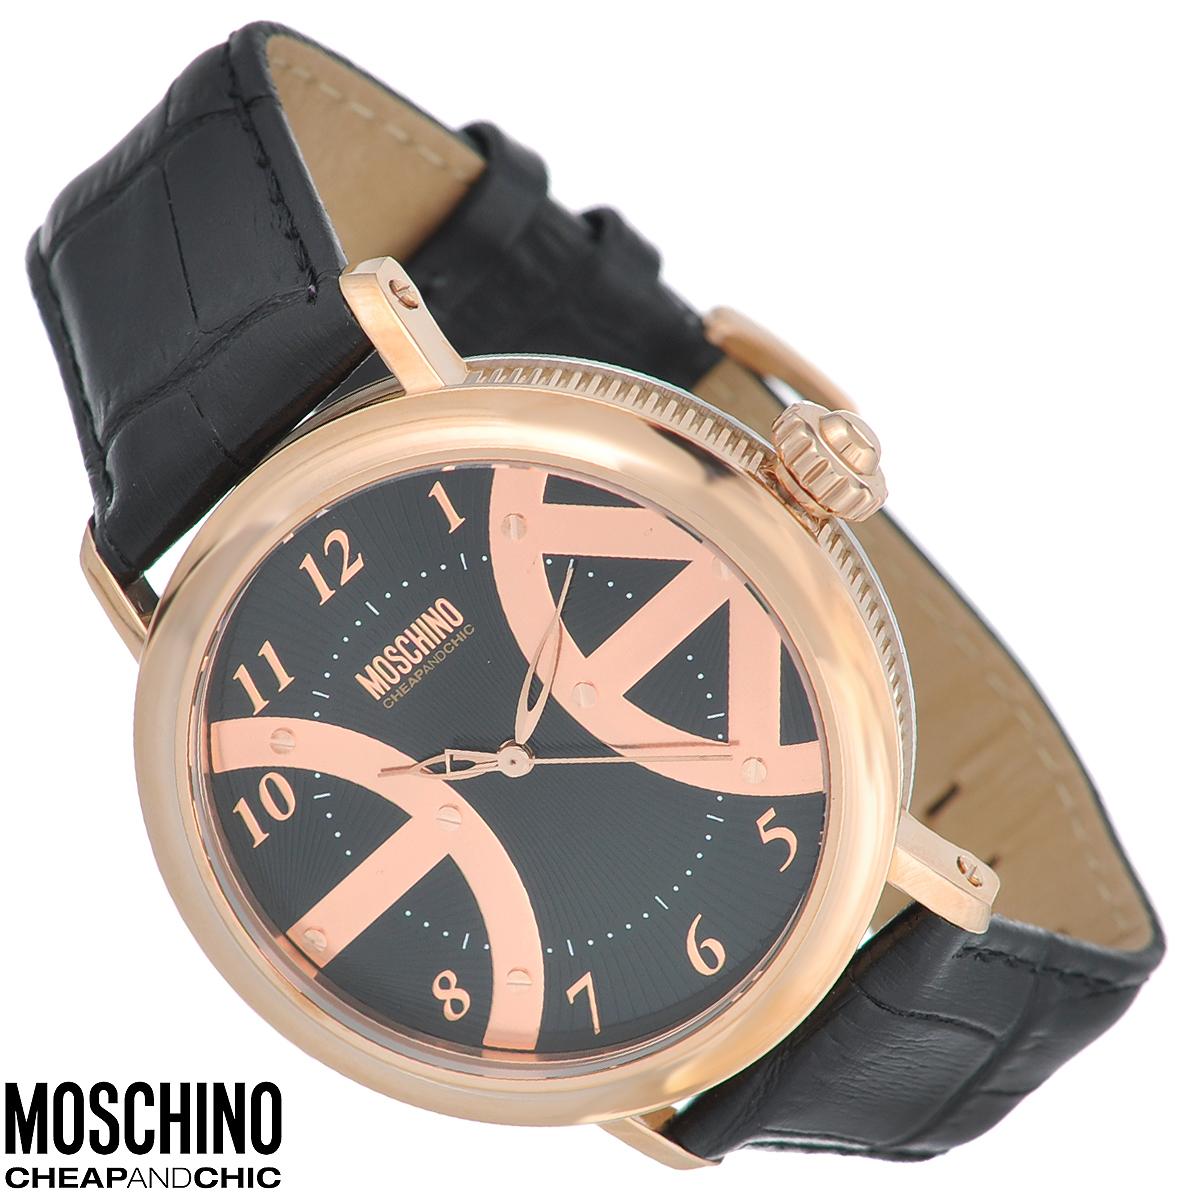 Часы наручные Moschino, цвет: черный, золотой. MW0240BM8434-58AEНаручные часы от известного итальянского бренда Moschino - это не только стильный и функциональный аксессуар, но и современные технологи, сочетающиеся с экстравагантным дизайном и индивидуальностью. Часы Moschino оснащены кварцевым механизмом. Корпус выполнен из высококачественной нержавеющей стали с PVD-покрытием. Циферблат с арабскими цифрами оформлен металлическими декоративными элементами и защищен минеральным стеклом. Часы имеют три стрелки - часовую, минутную и секундную. Ремешок часов выполнен из натуральной кожи с тиснением и оснащен классической застежкой. Часы упакованы в фирменную металлическую коробку с логотипом бренда. Часы Moschino благодаря своему уникальному дизайну отличаются от часов других марок своеобразными циферблатами, функциональностью, а также набором уникальных технических свойств. Каждой модели присуща легкая экстравагантность, самобытность и, безусловно, великолепный вкус. Характеристики:Диаметр циферблата: 4 см.Размер корпуса: 4,6 см х 4,6 см х 1,1 см.Длина ремешка (с корпусом): 25,5 см.Ширина ремешка: 2 см.